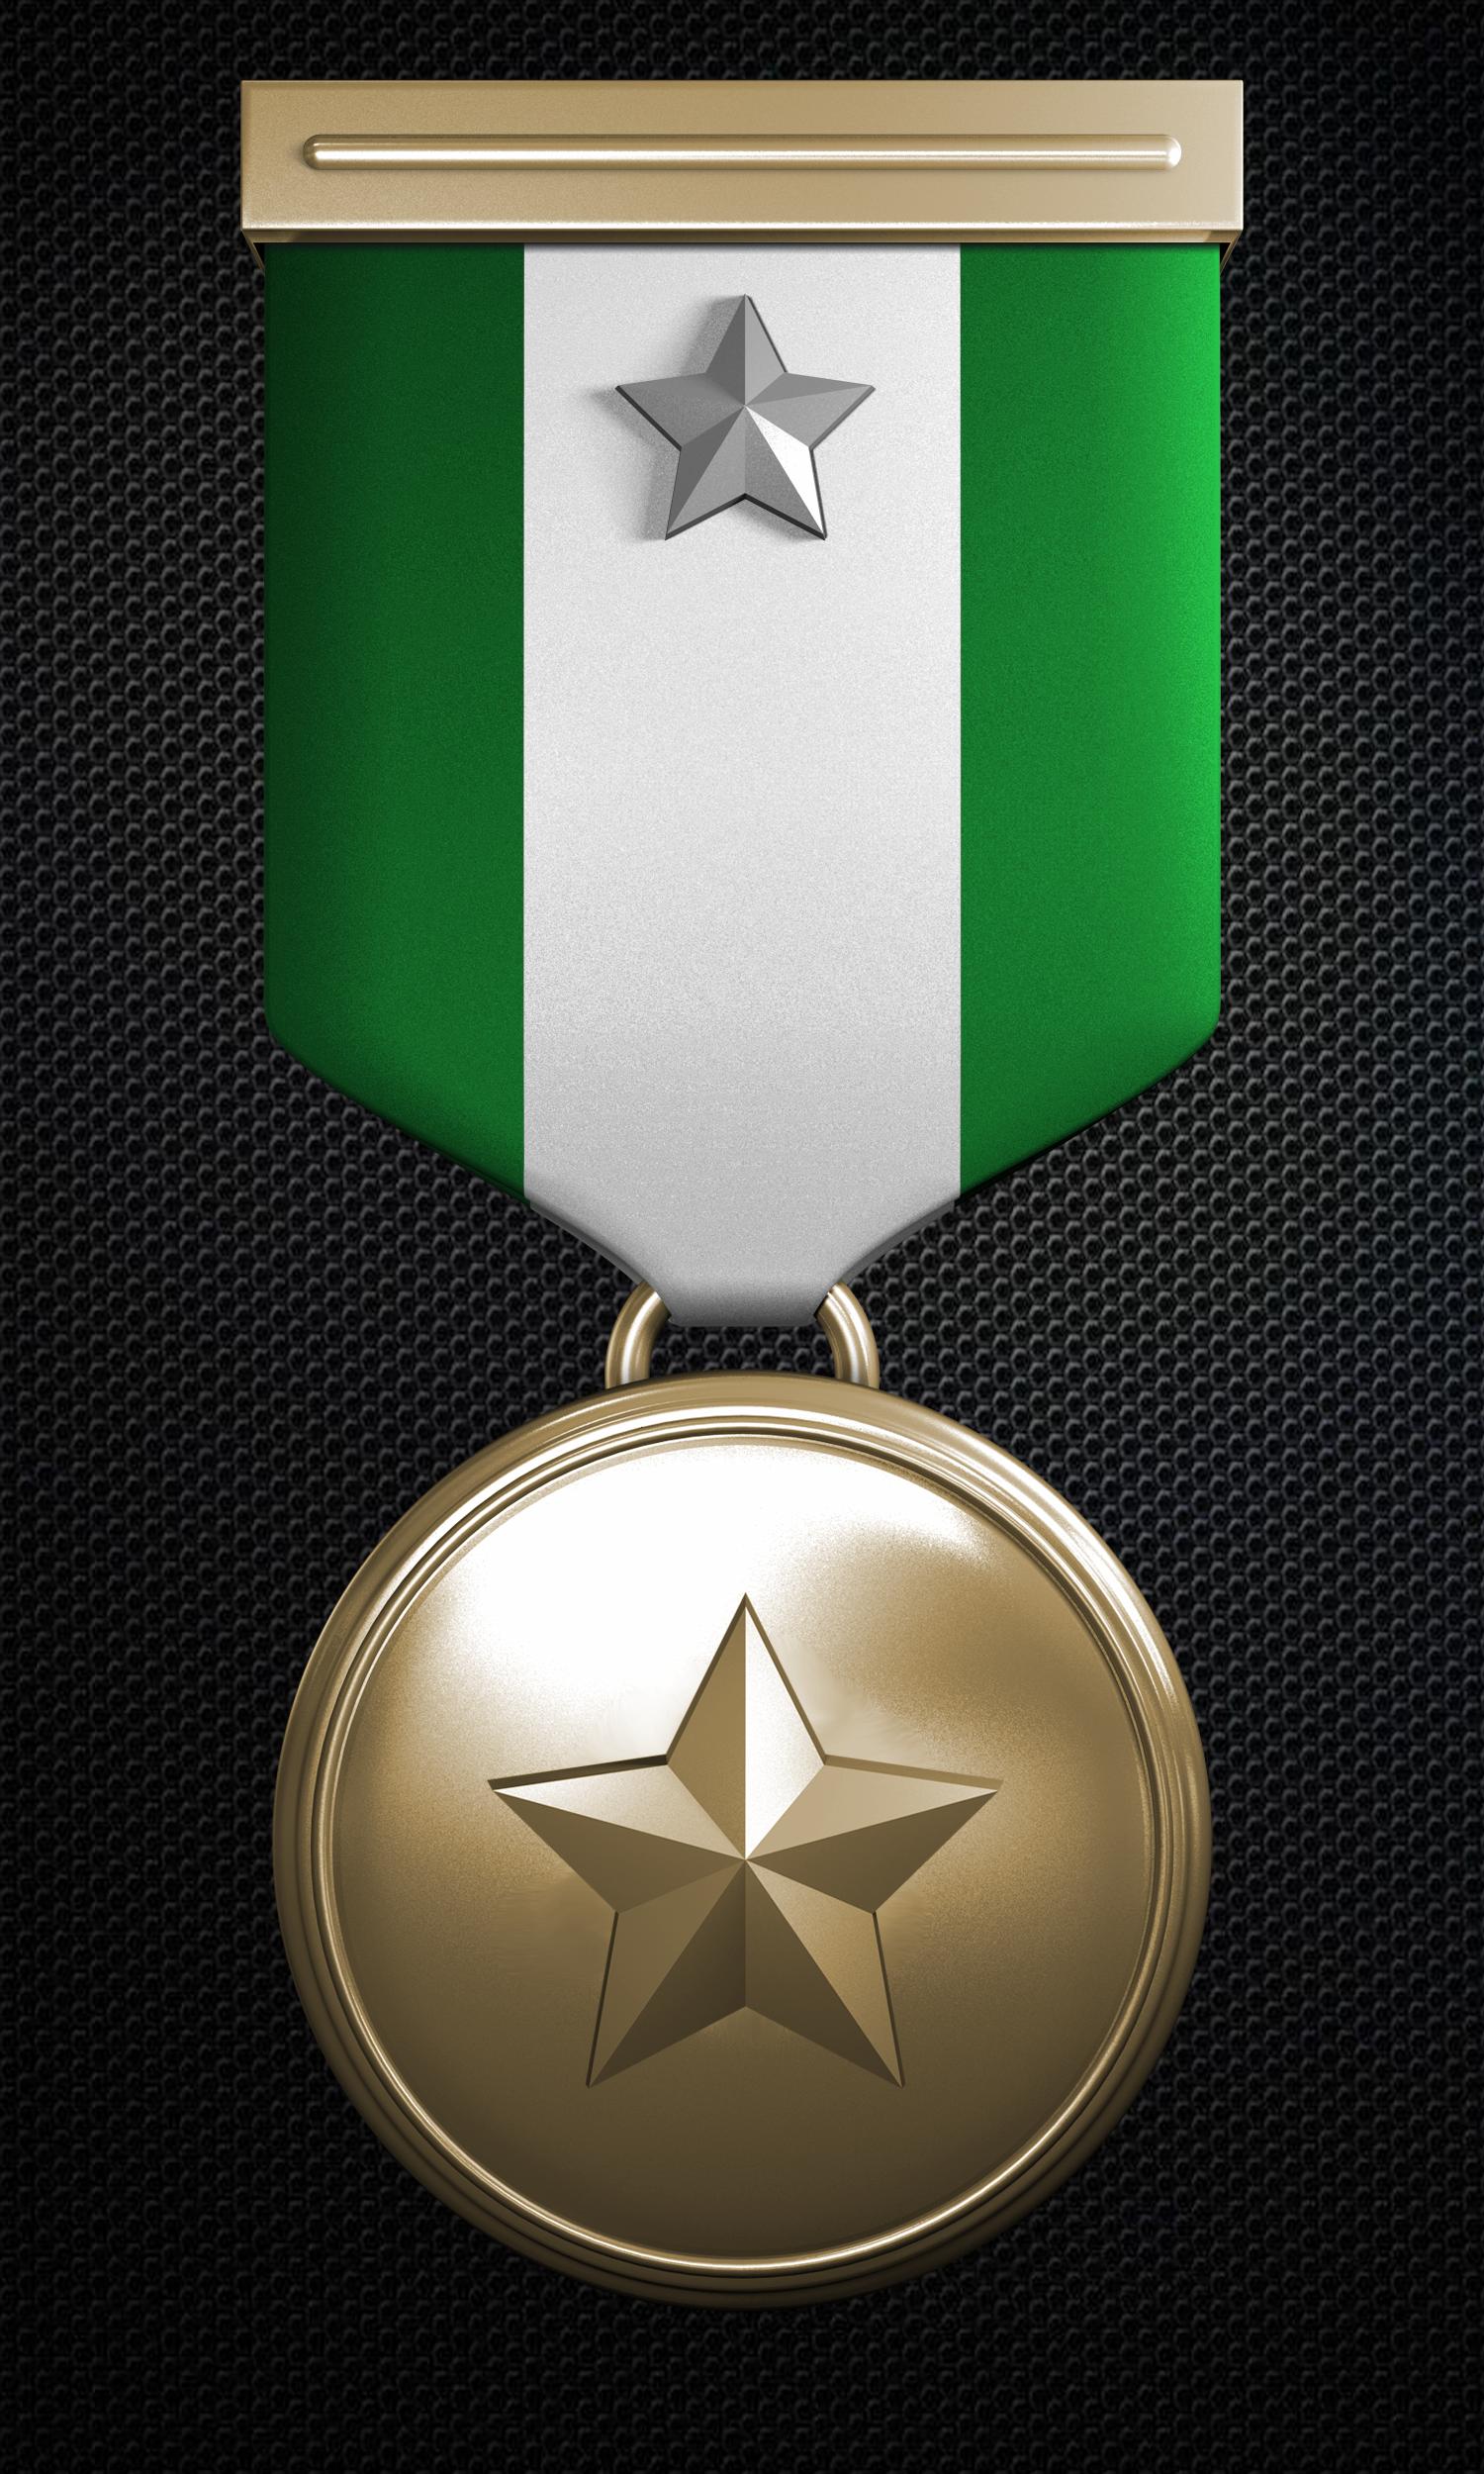 team-spirit-medal.png